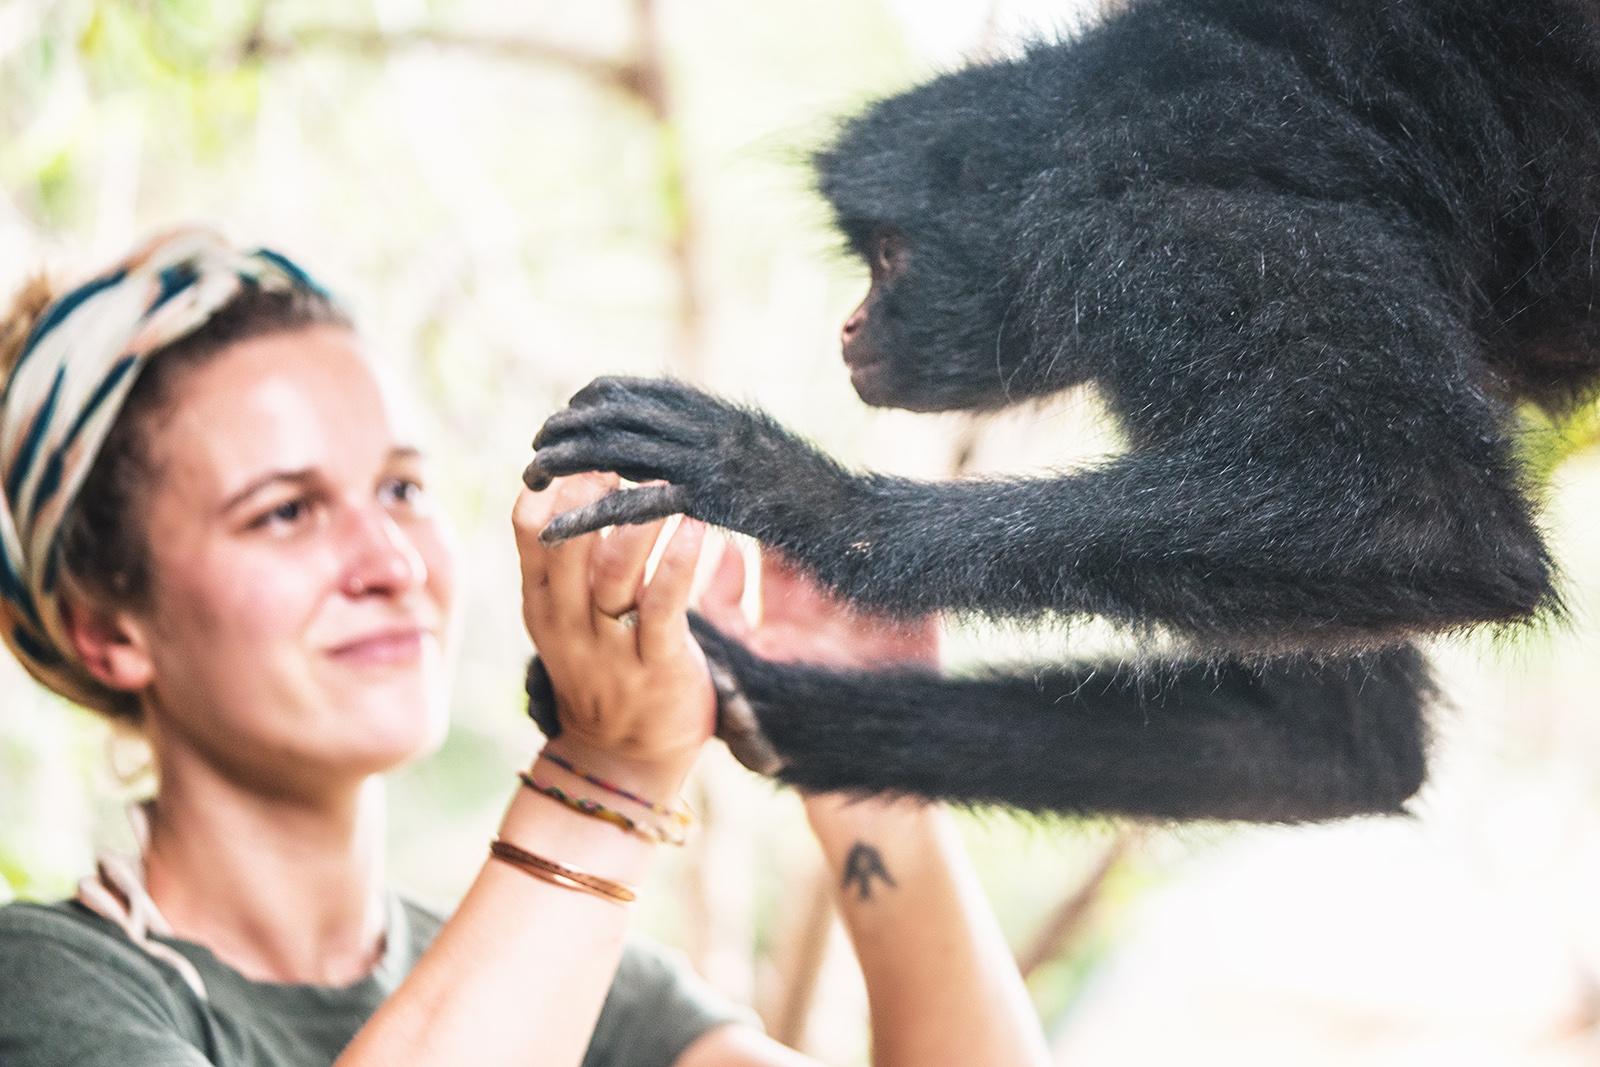 El cariño que brindas es devuelto por los animales